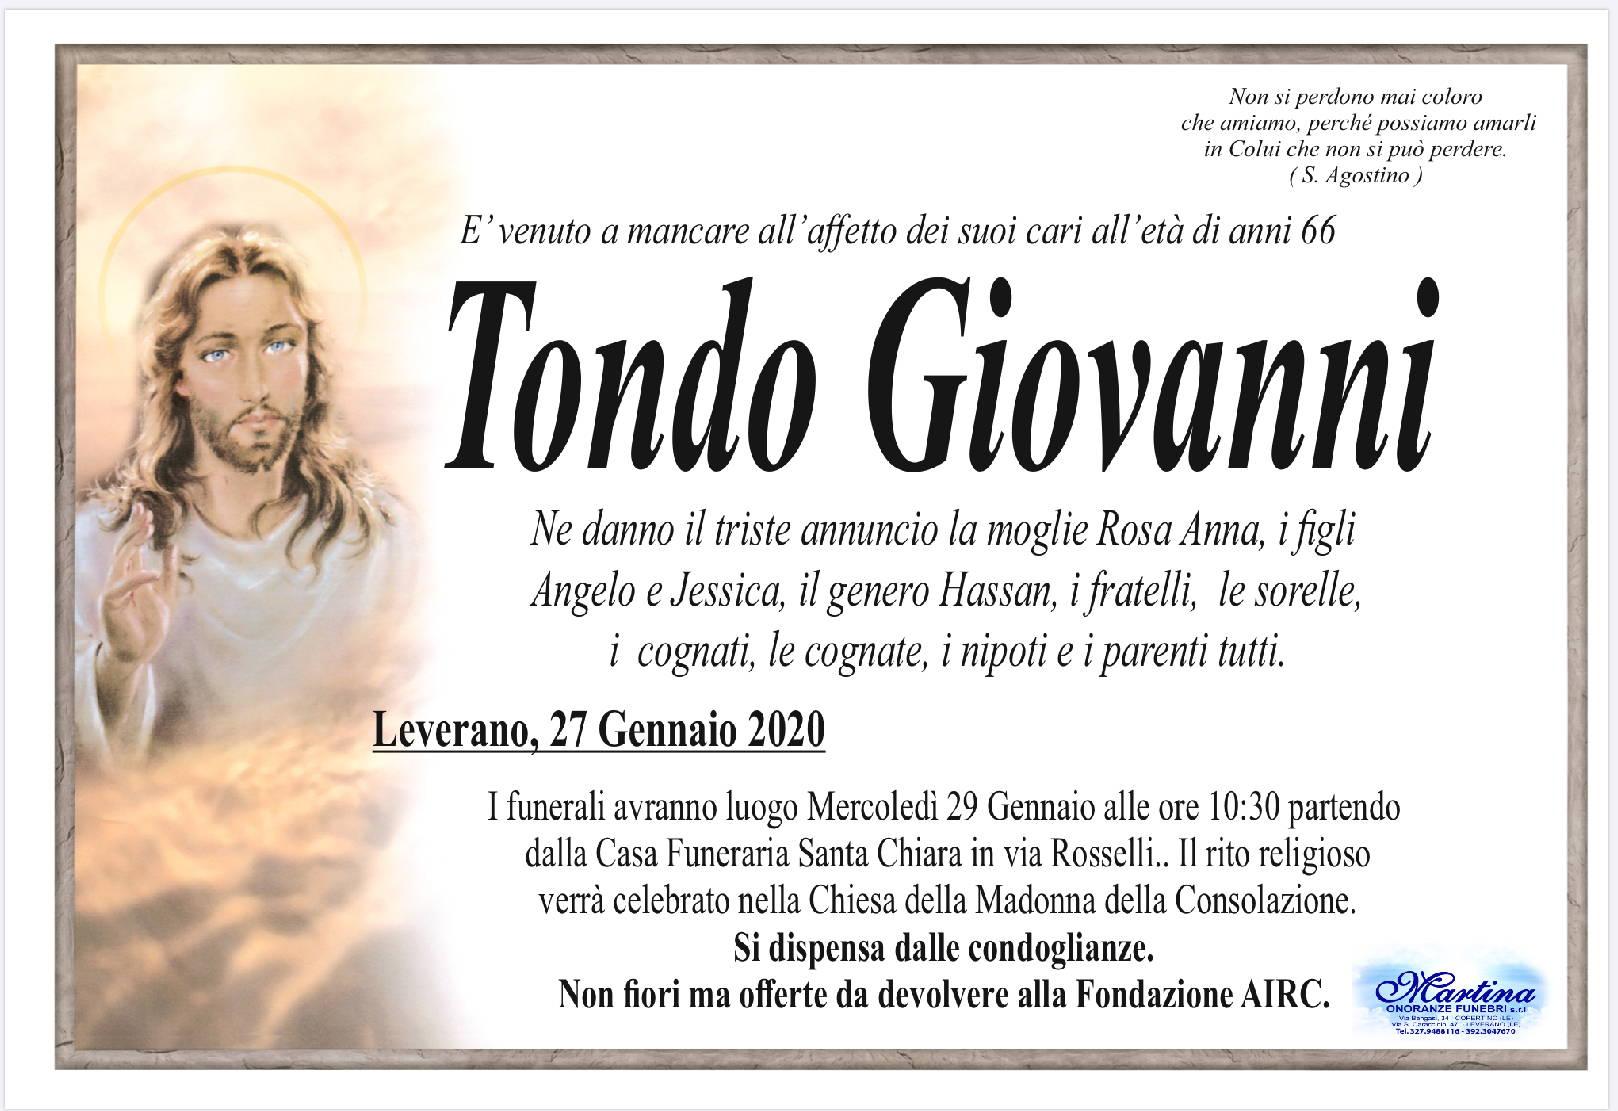 Giovanni Tondo